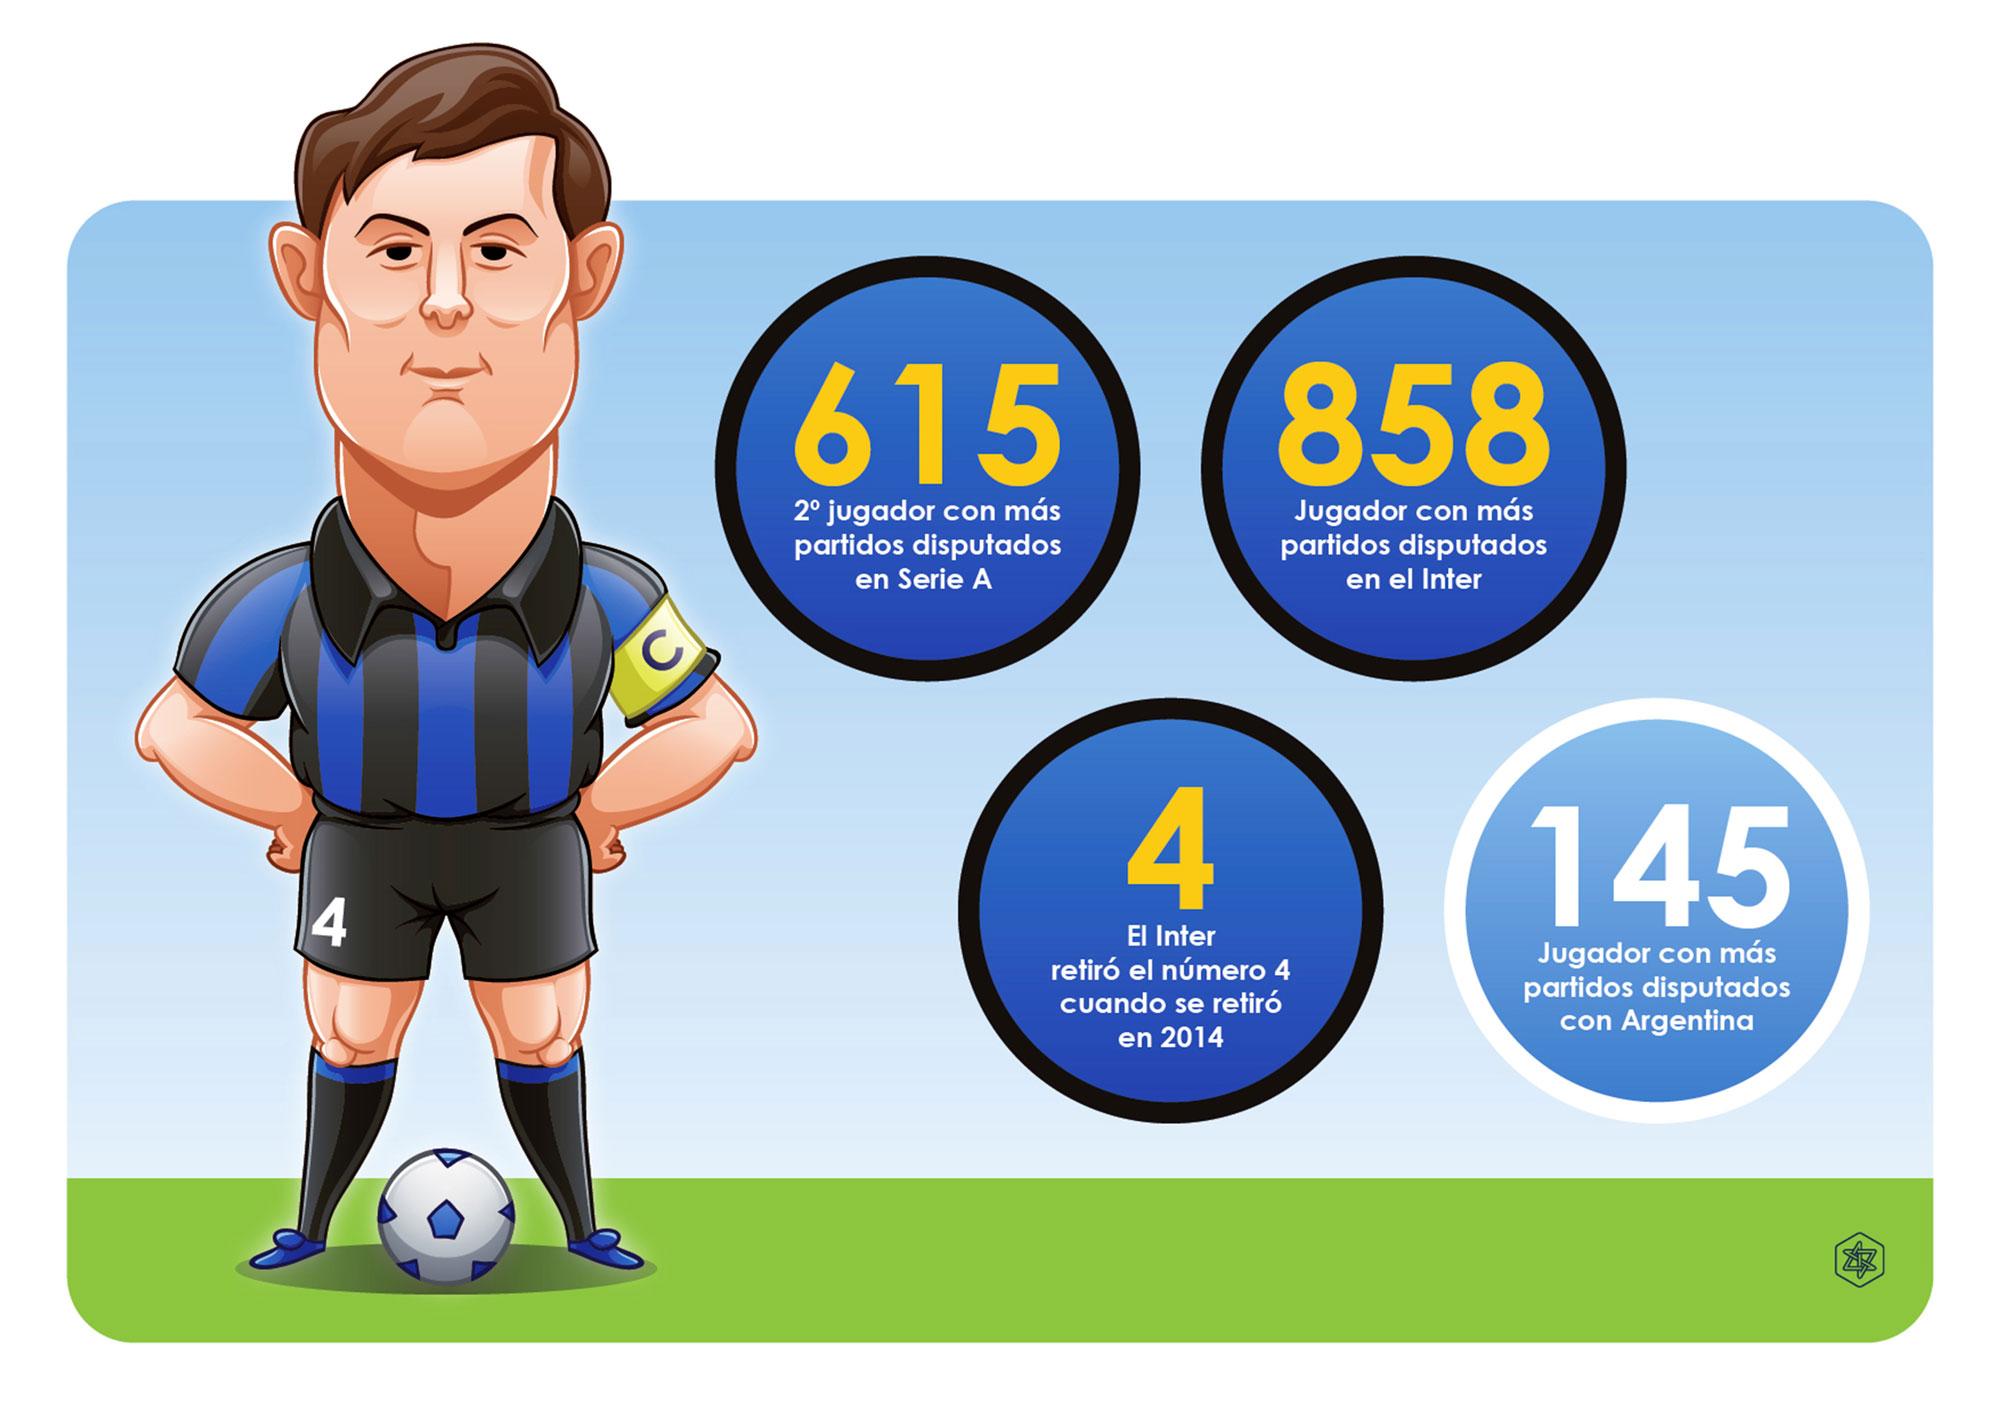 Infografía de Zanetti records